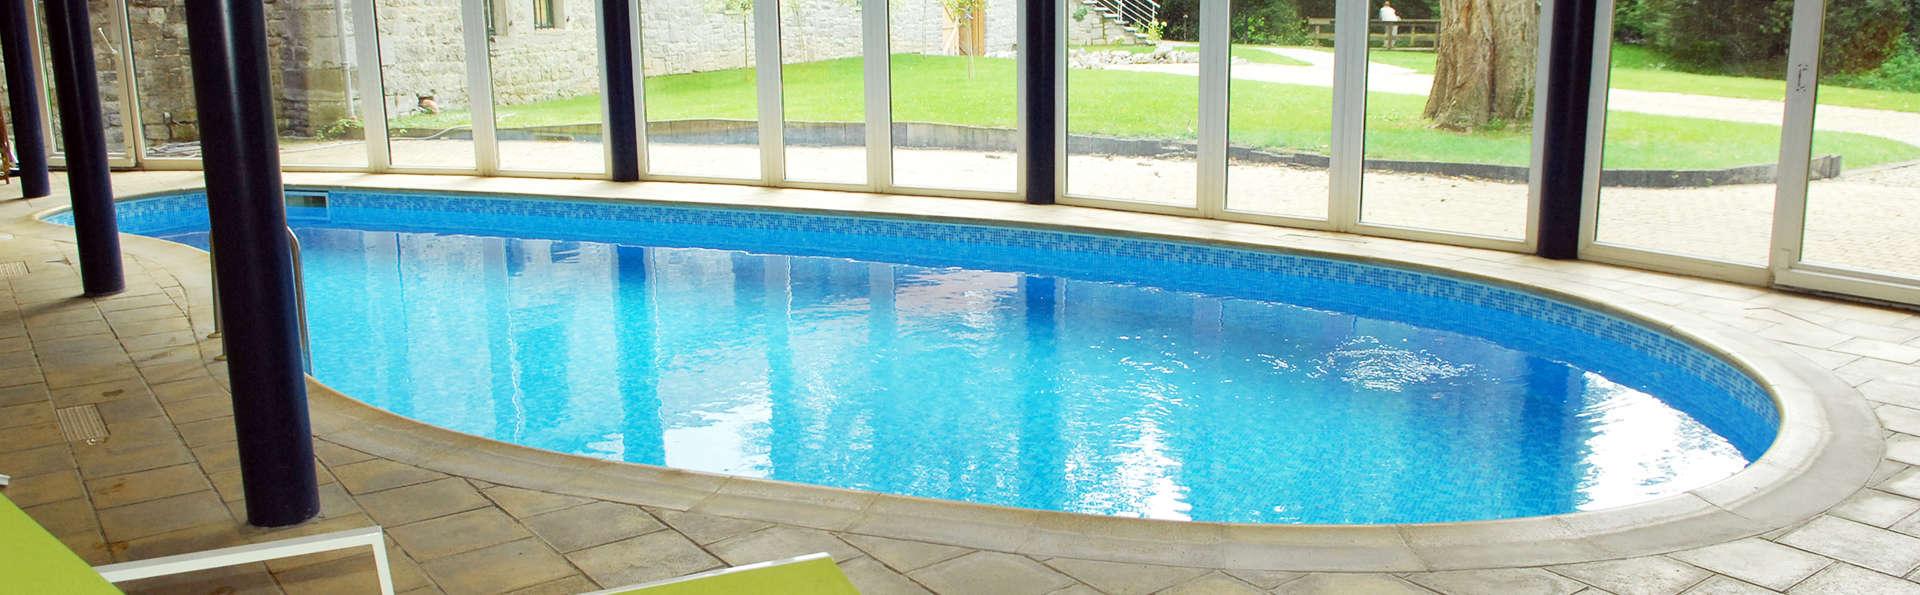 Romantisch uitstapje in Dinant met toegang tot het binnenzwembad